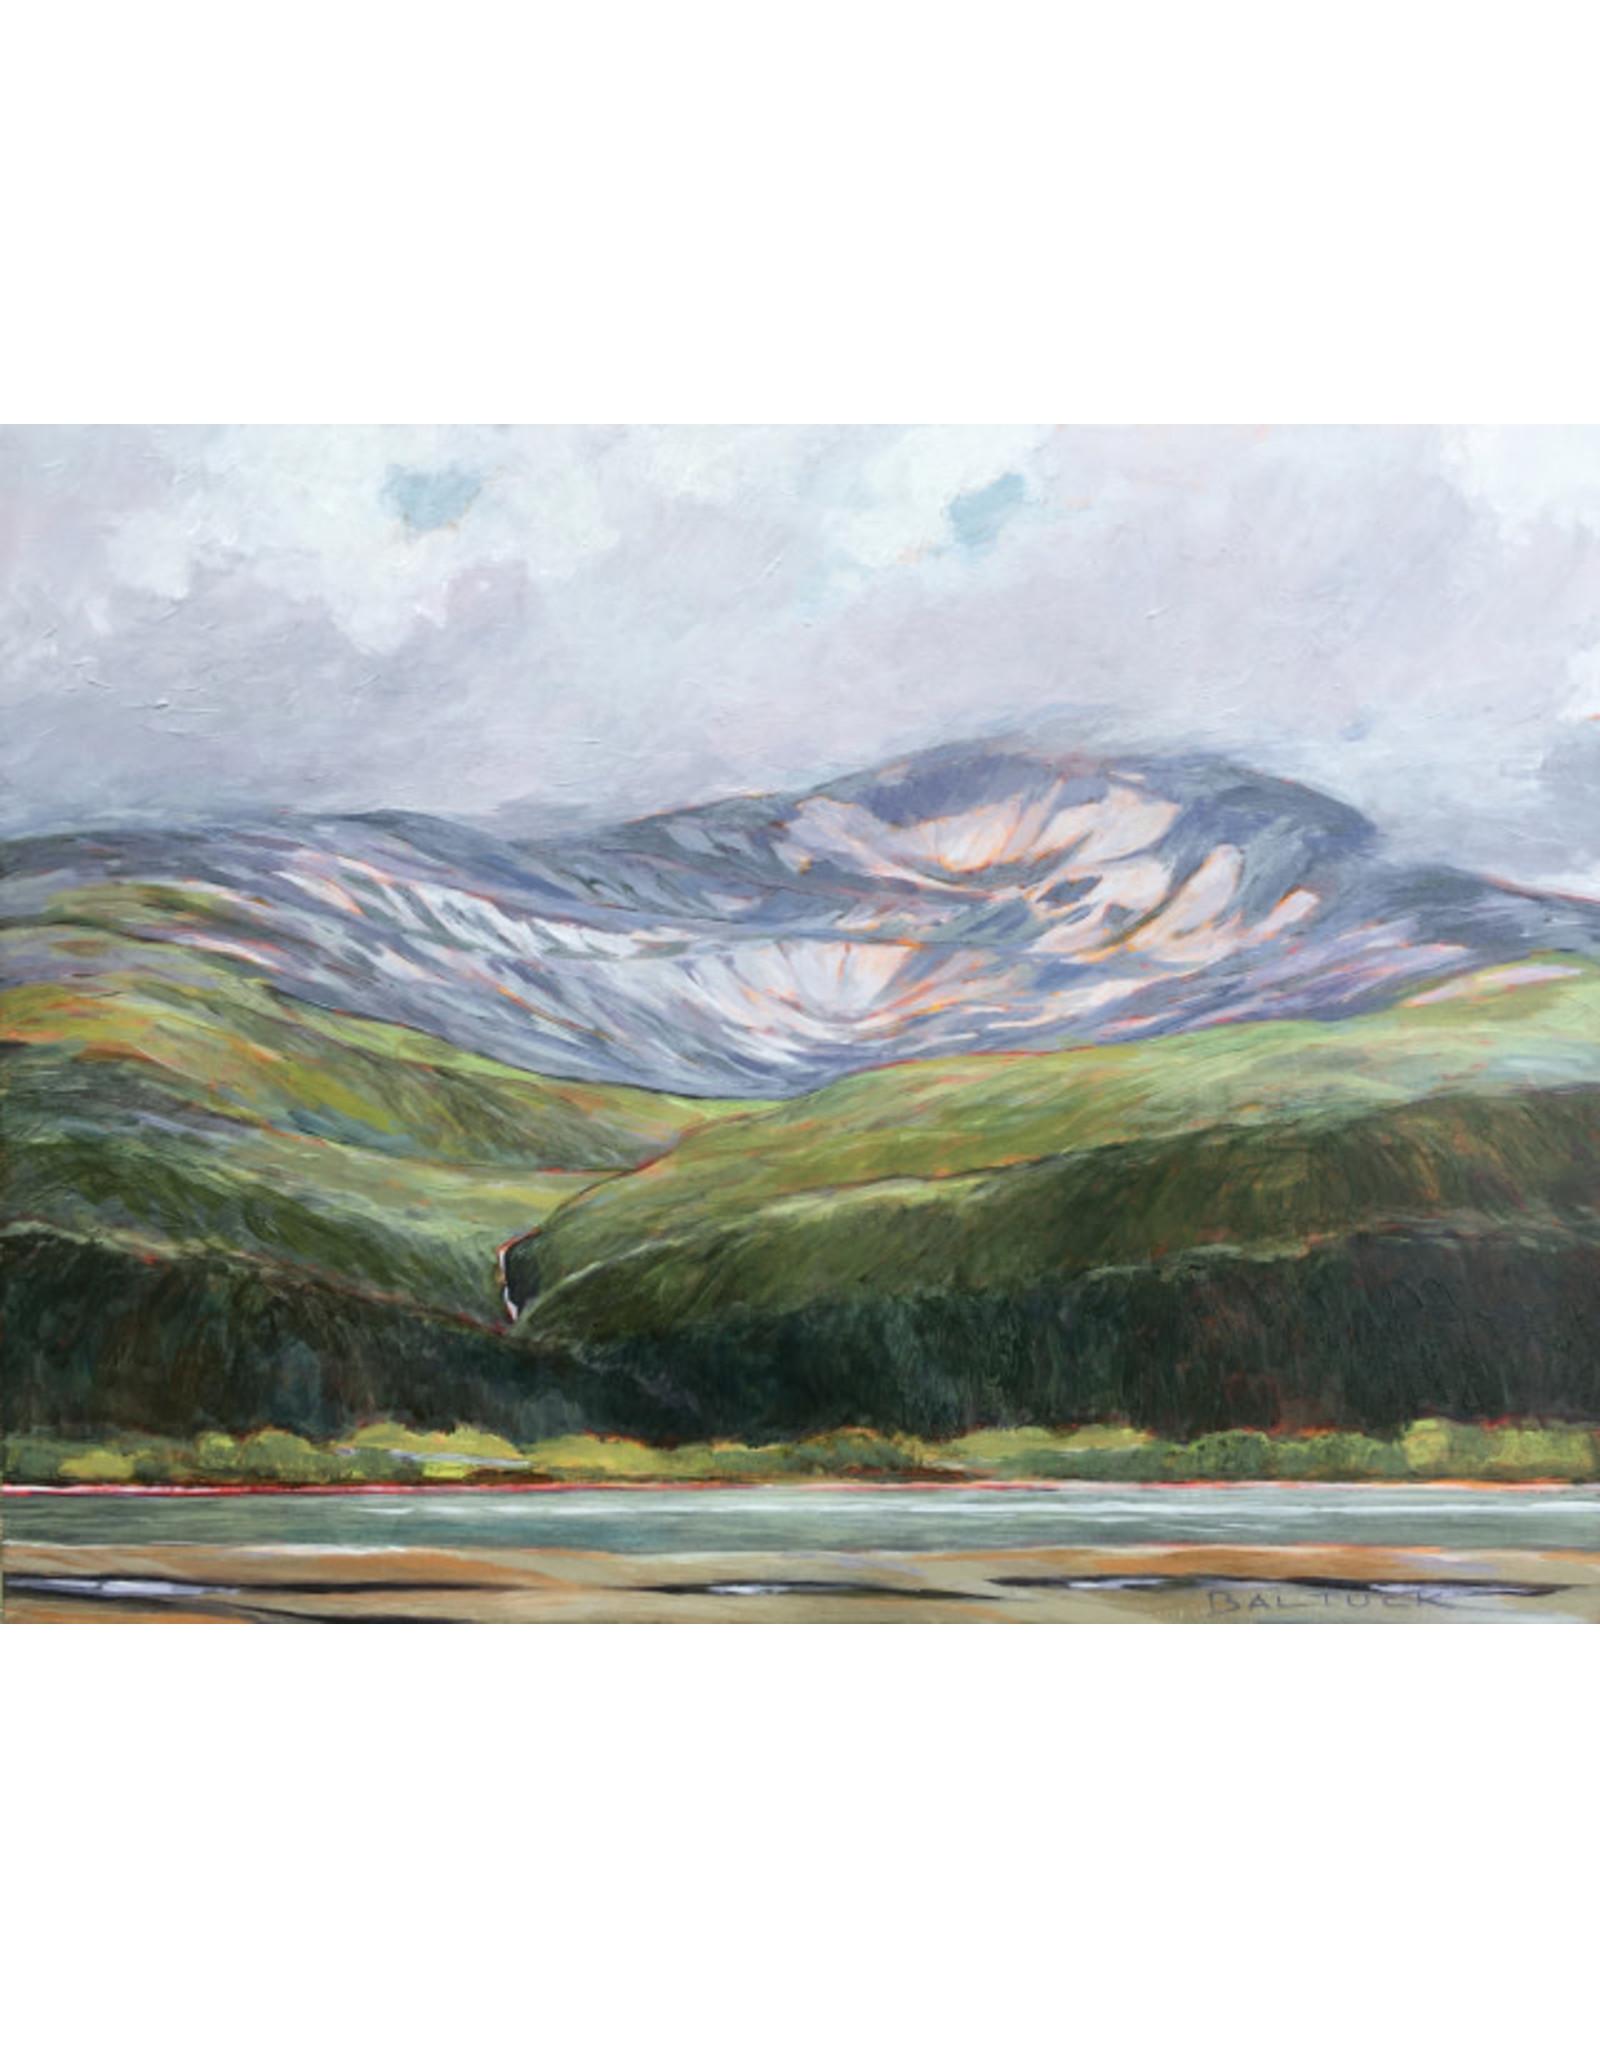 Constance Baltuck Snow Basin (original) | Constance Baltuck